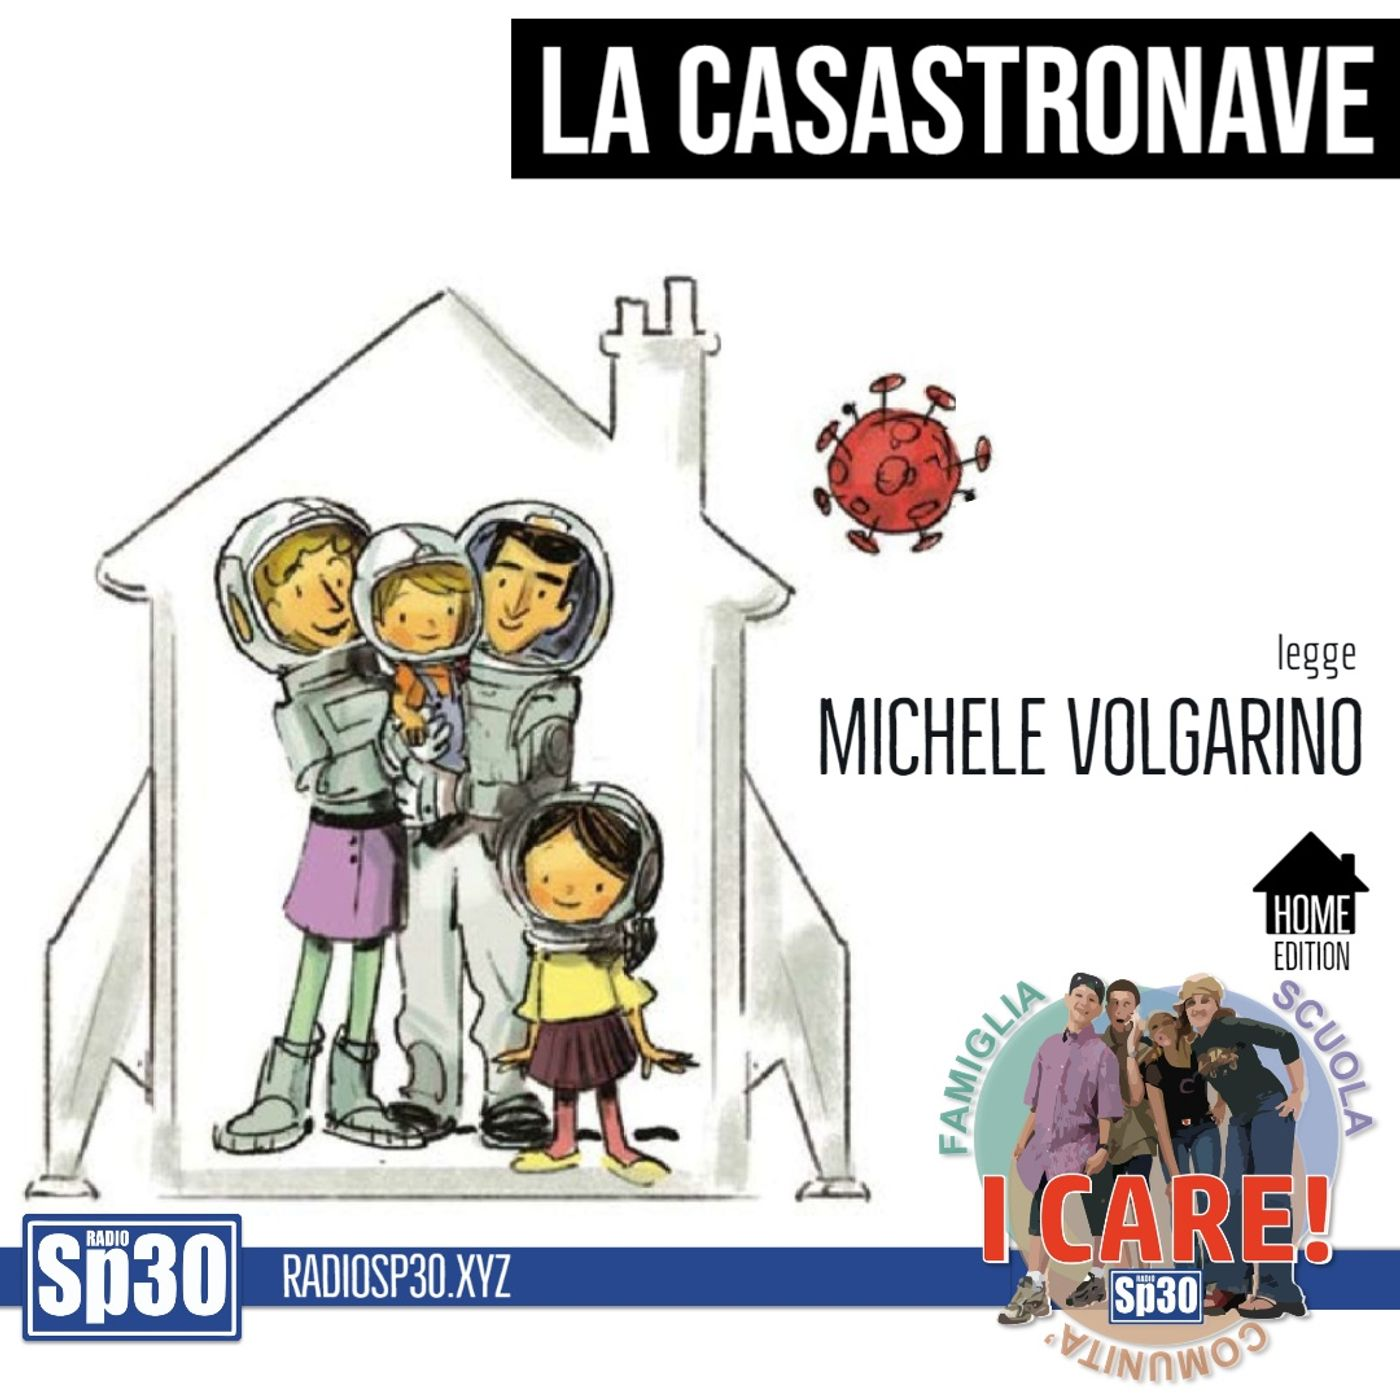 #ICARE - LA CASASTRONAVE